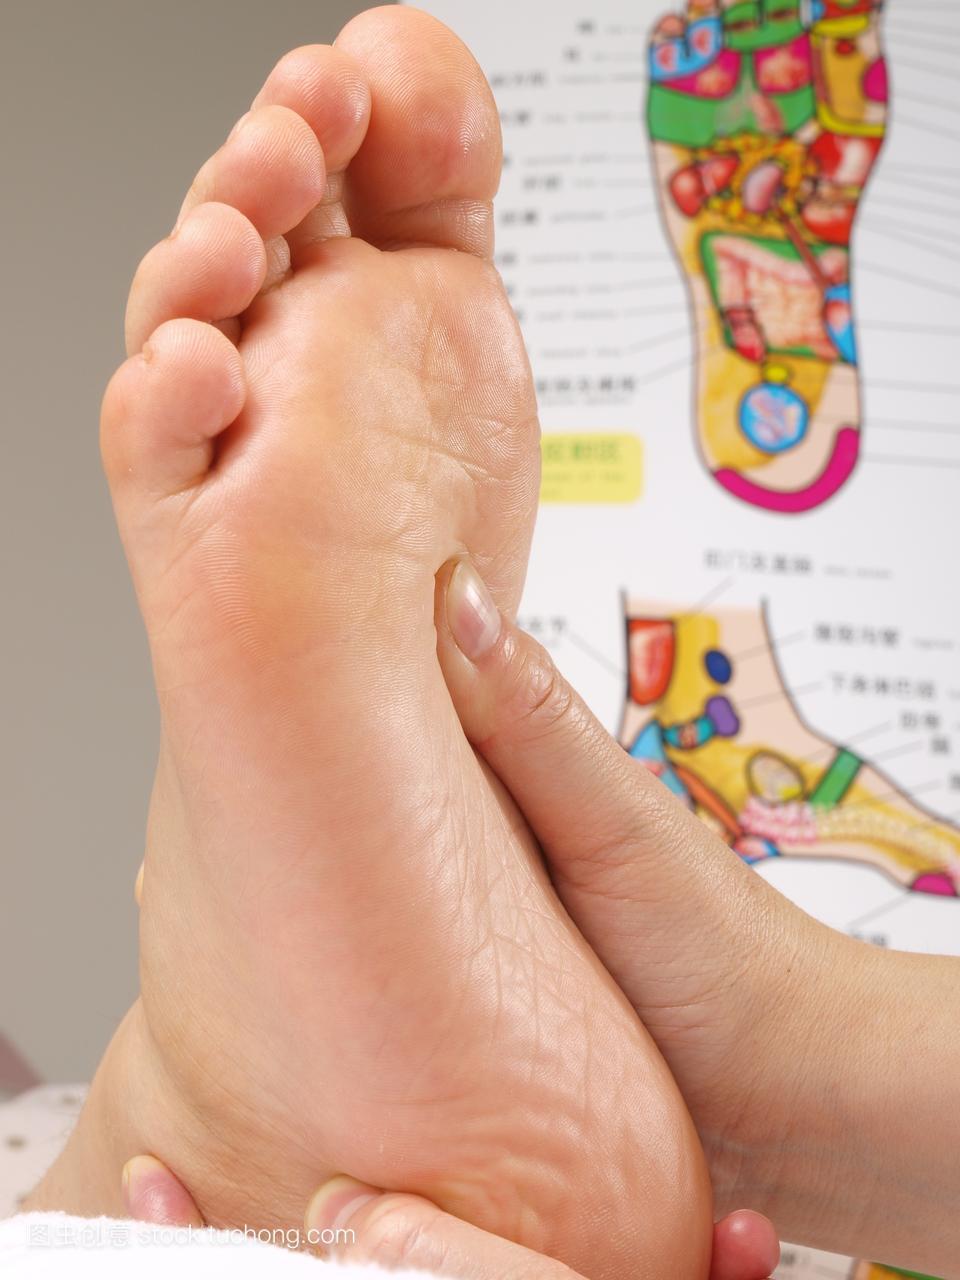 对待,护理,护肤,放松,手,油,待遇,生活方式,照料,